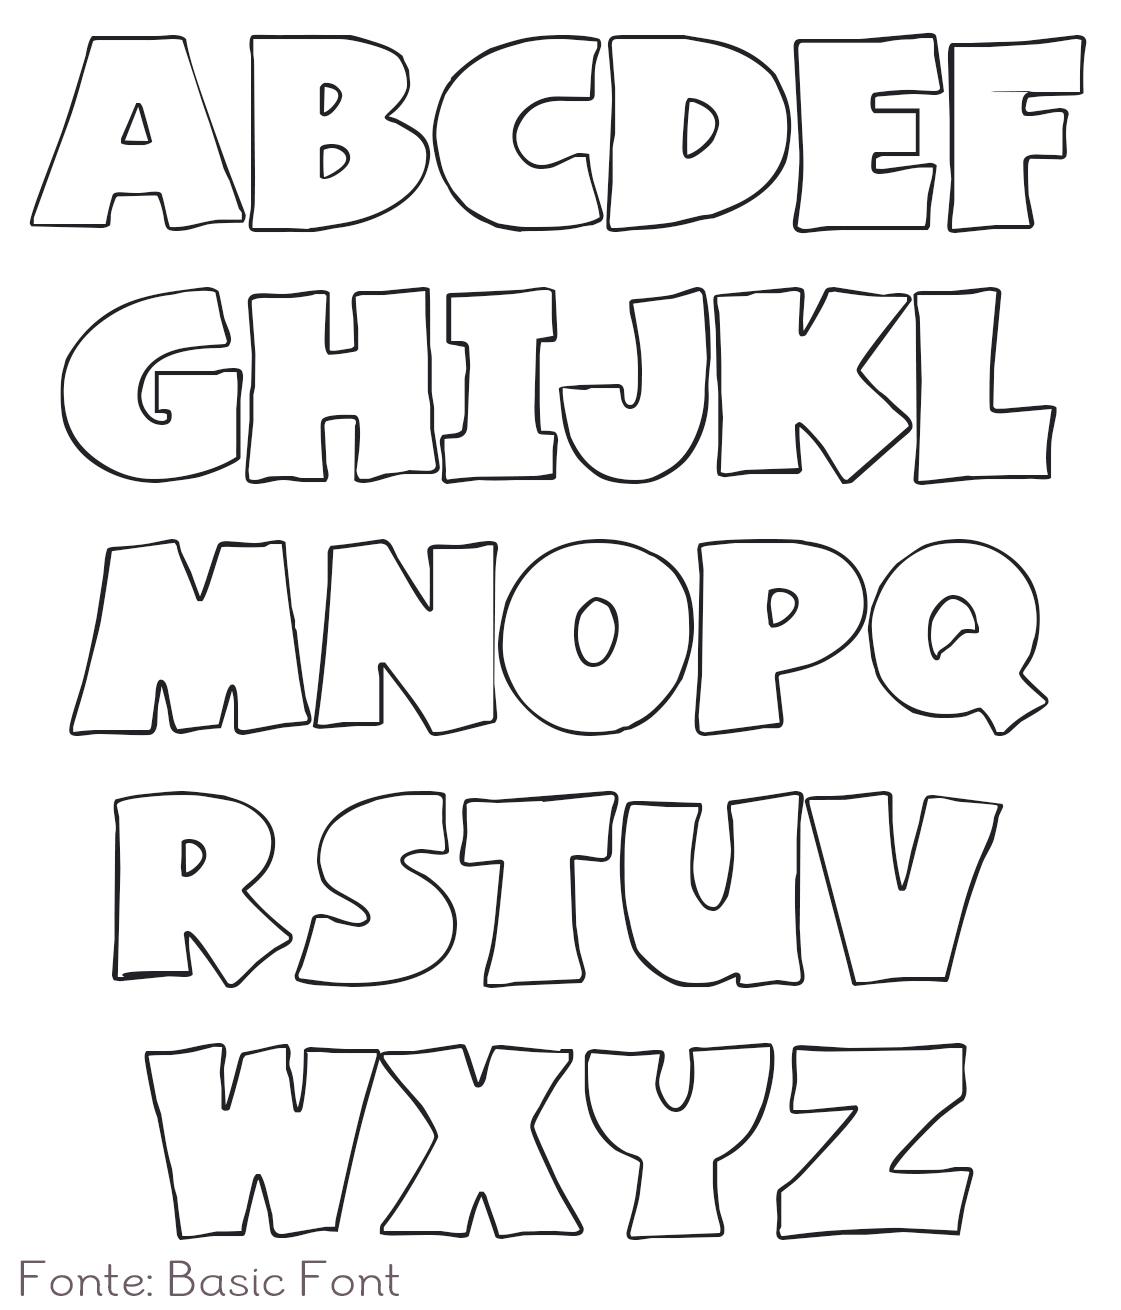 printable alphabet book template - letras de feltro para decorar o quarto dicas pra mam e